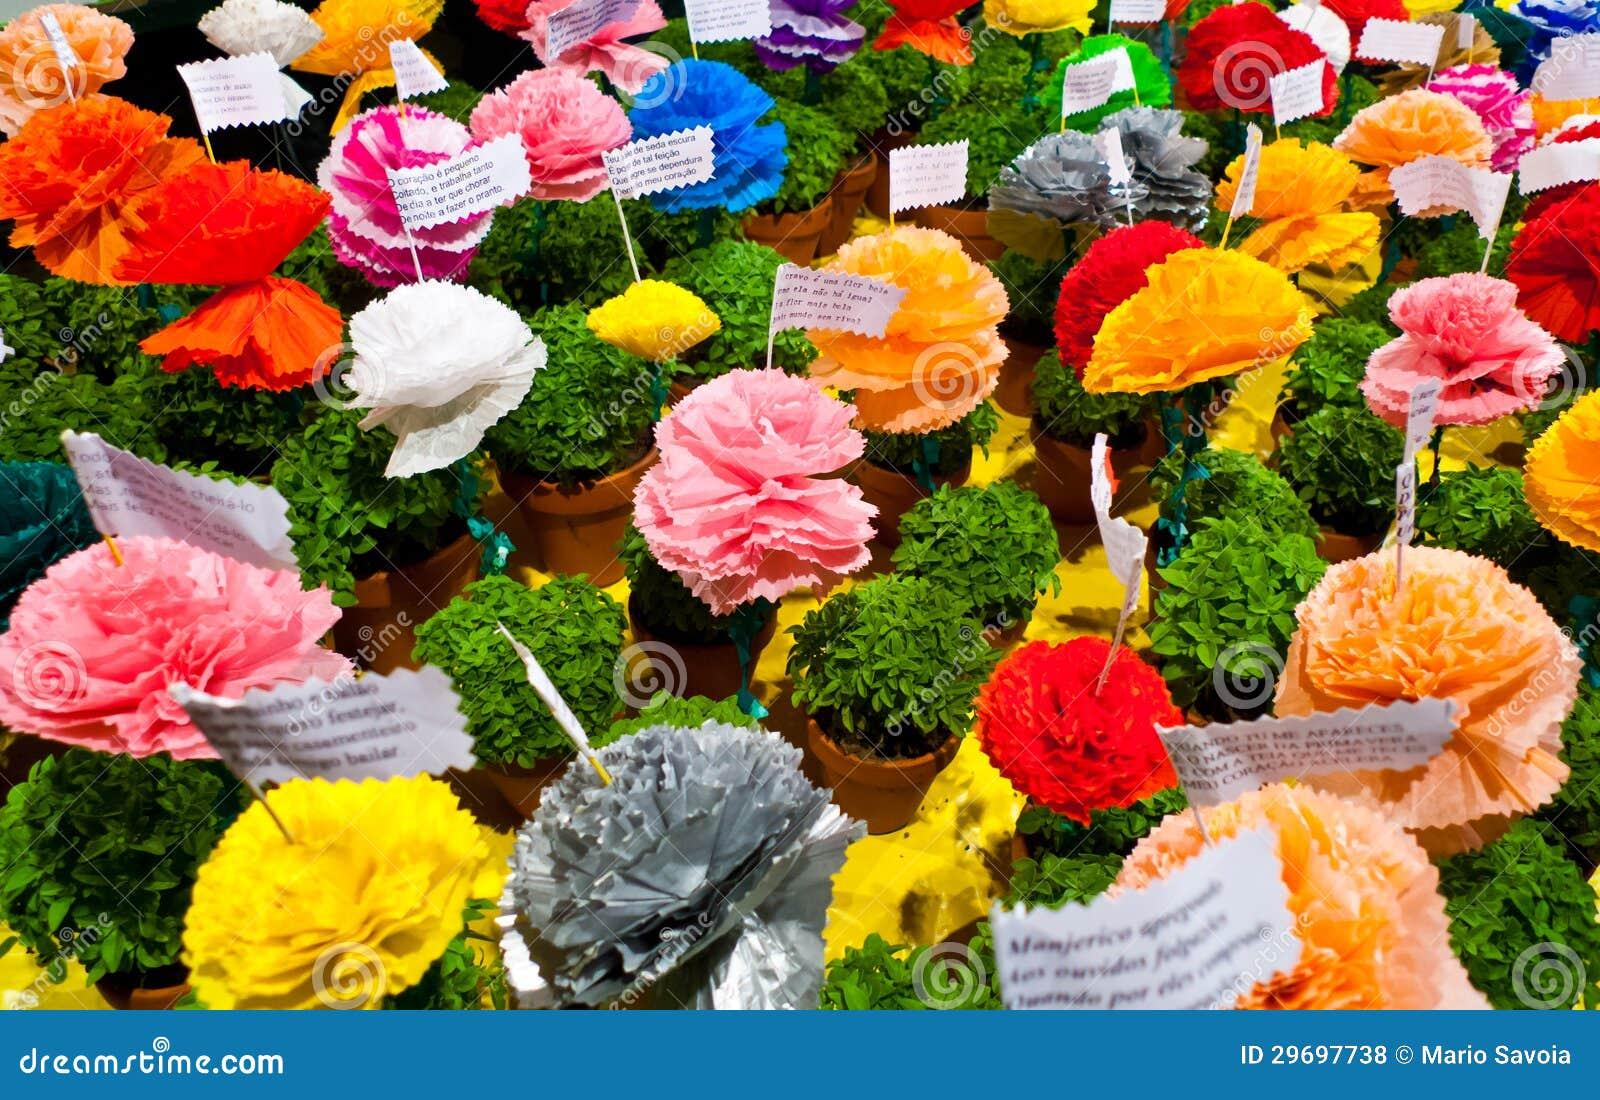 Fiori Del Mese Di Giugno piante di manjerico fotografia stock. immagine di vase